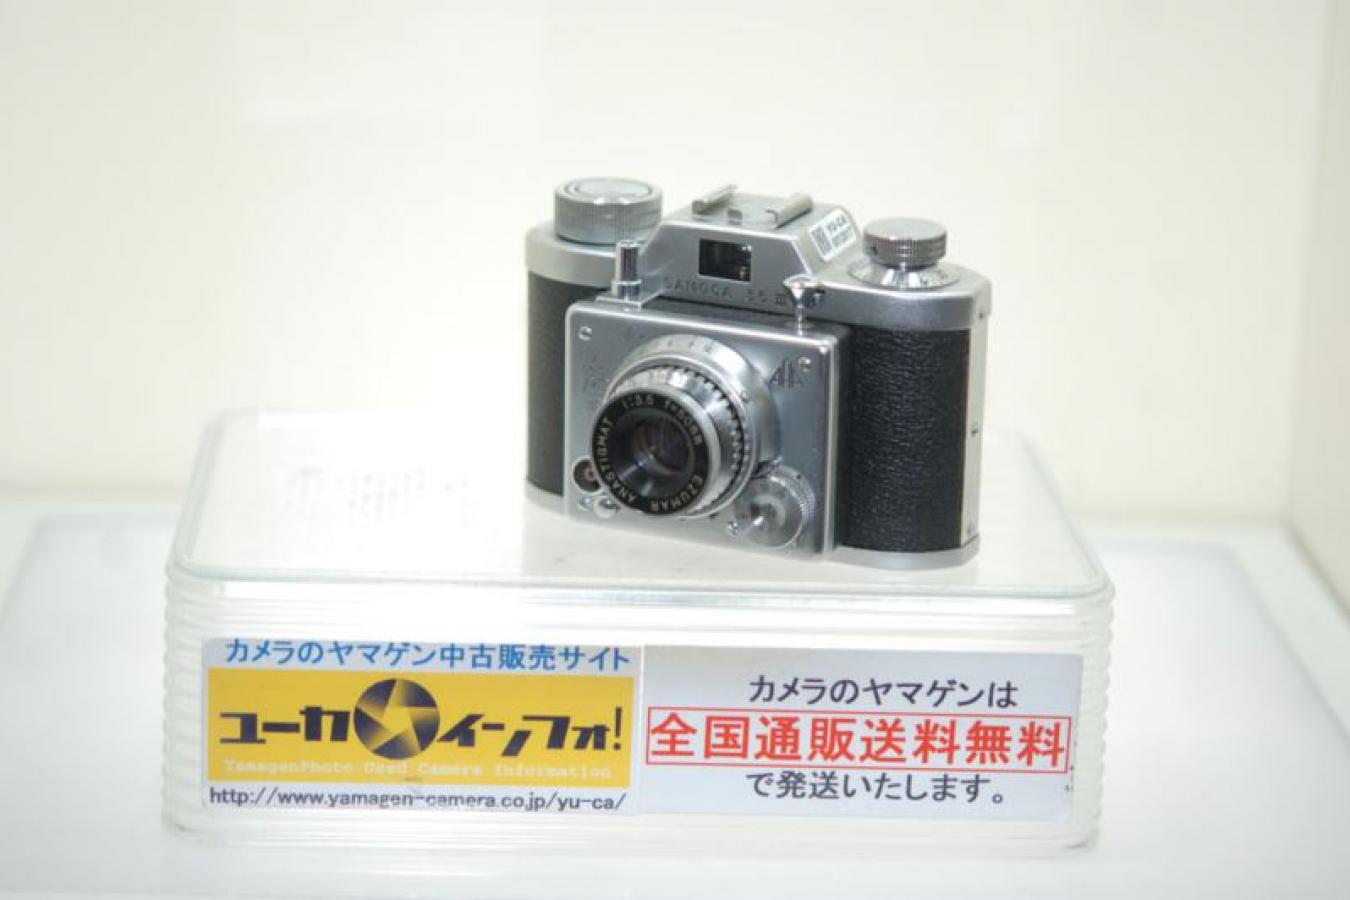 三栄産業製 SAMOCA 35 III